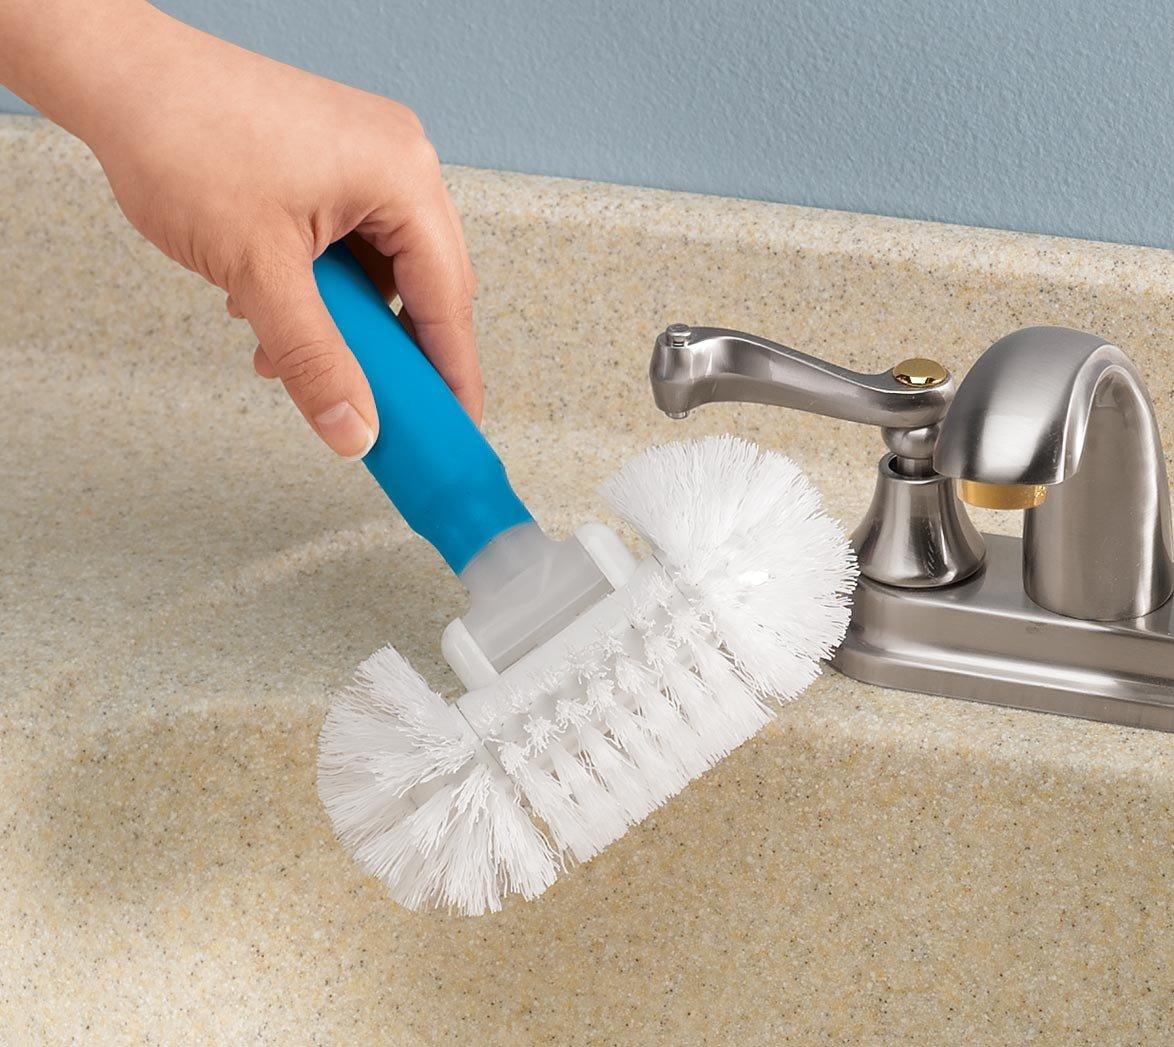 Amazon com   Telescopic Tub   Tile Scrubber   Cleaning Brushes   Office  Products. Amazon com   Telescopic Tub   Tile Scrubber   Cleaning Brushes